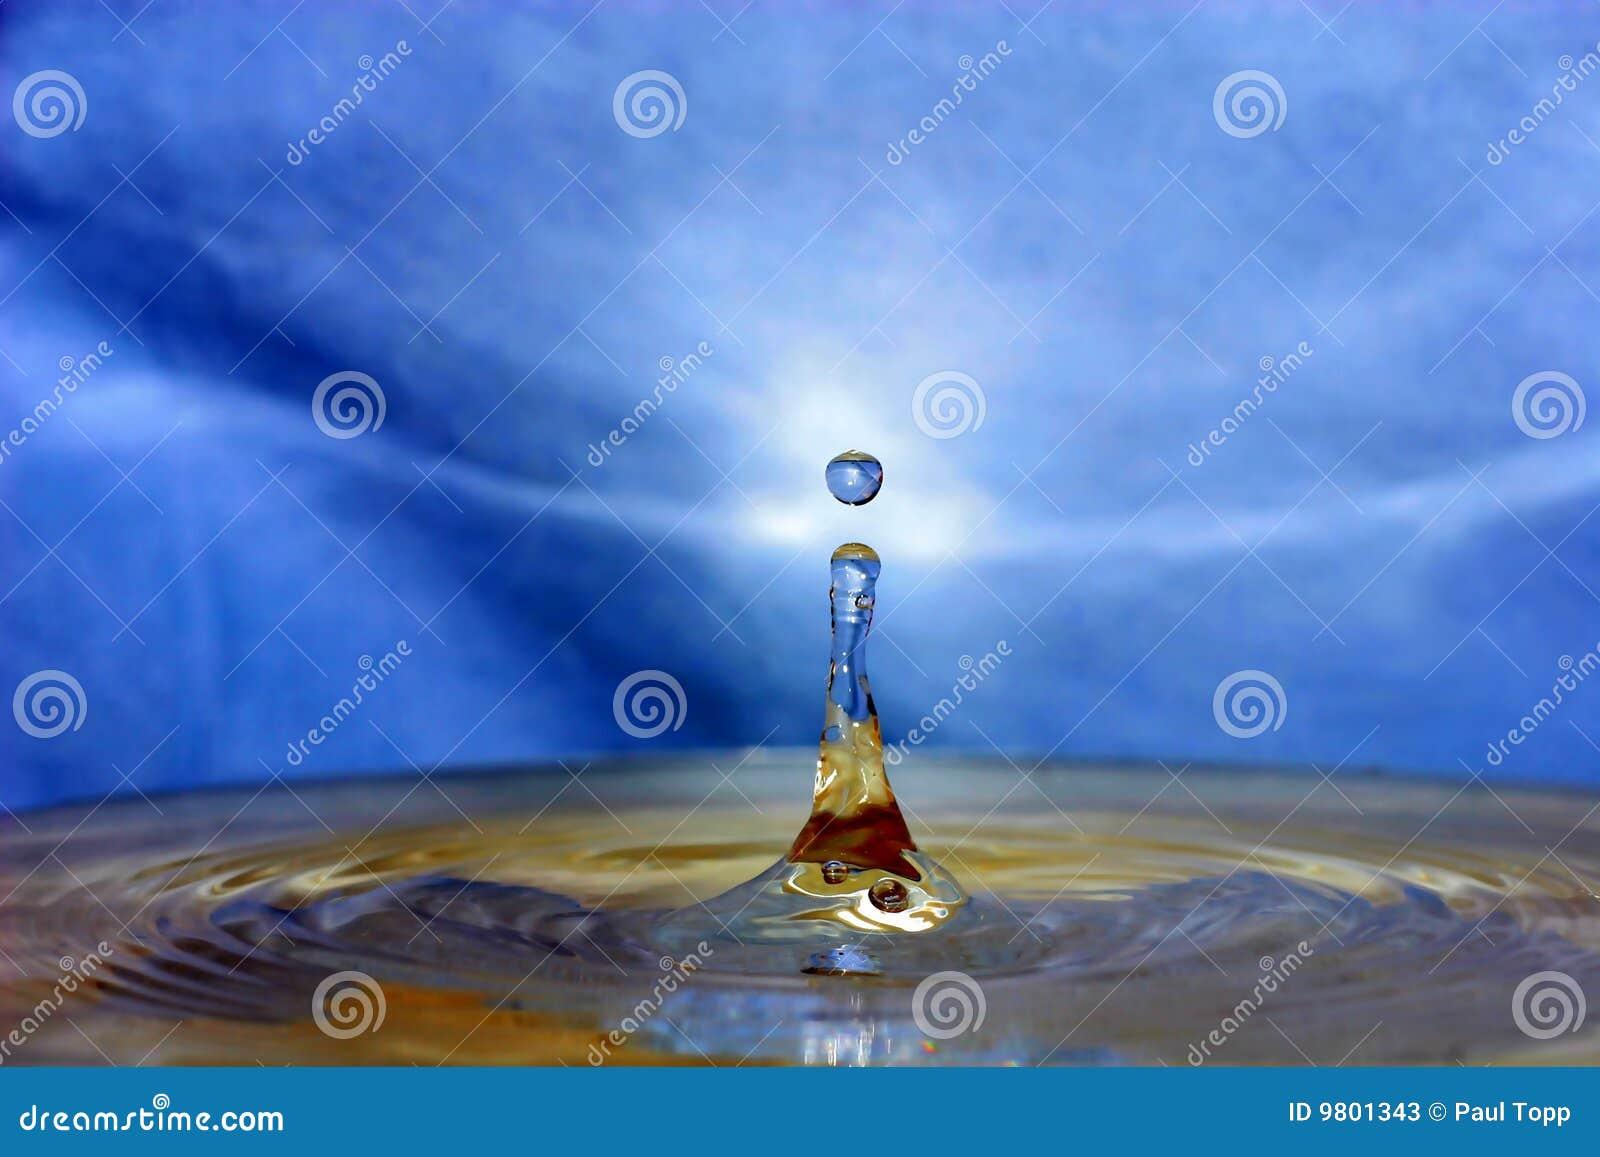 飞溅水的下落